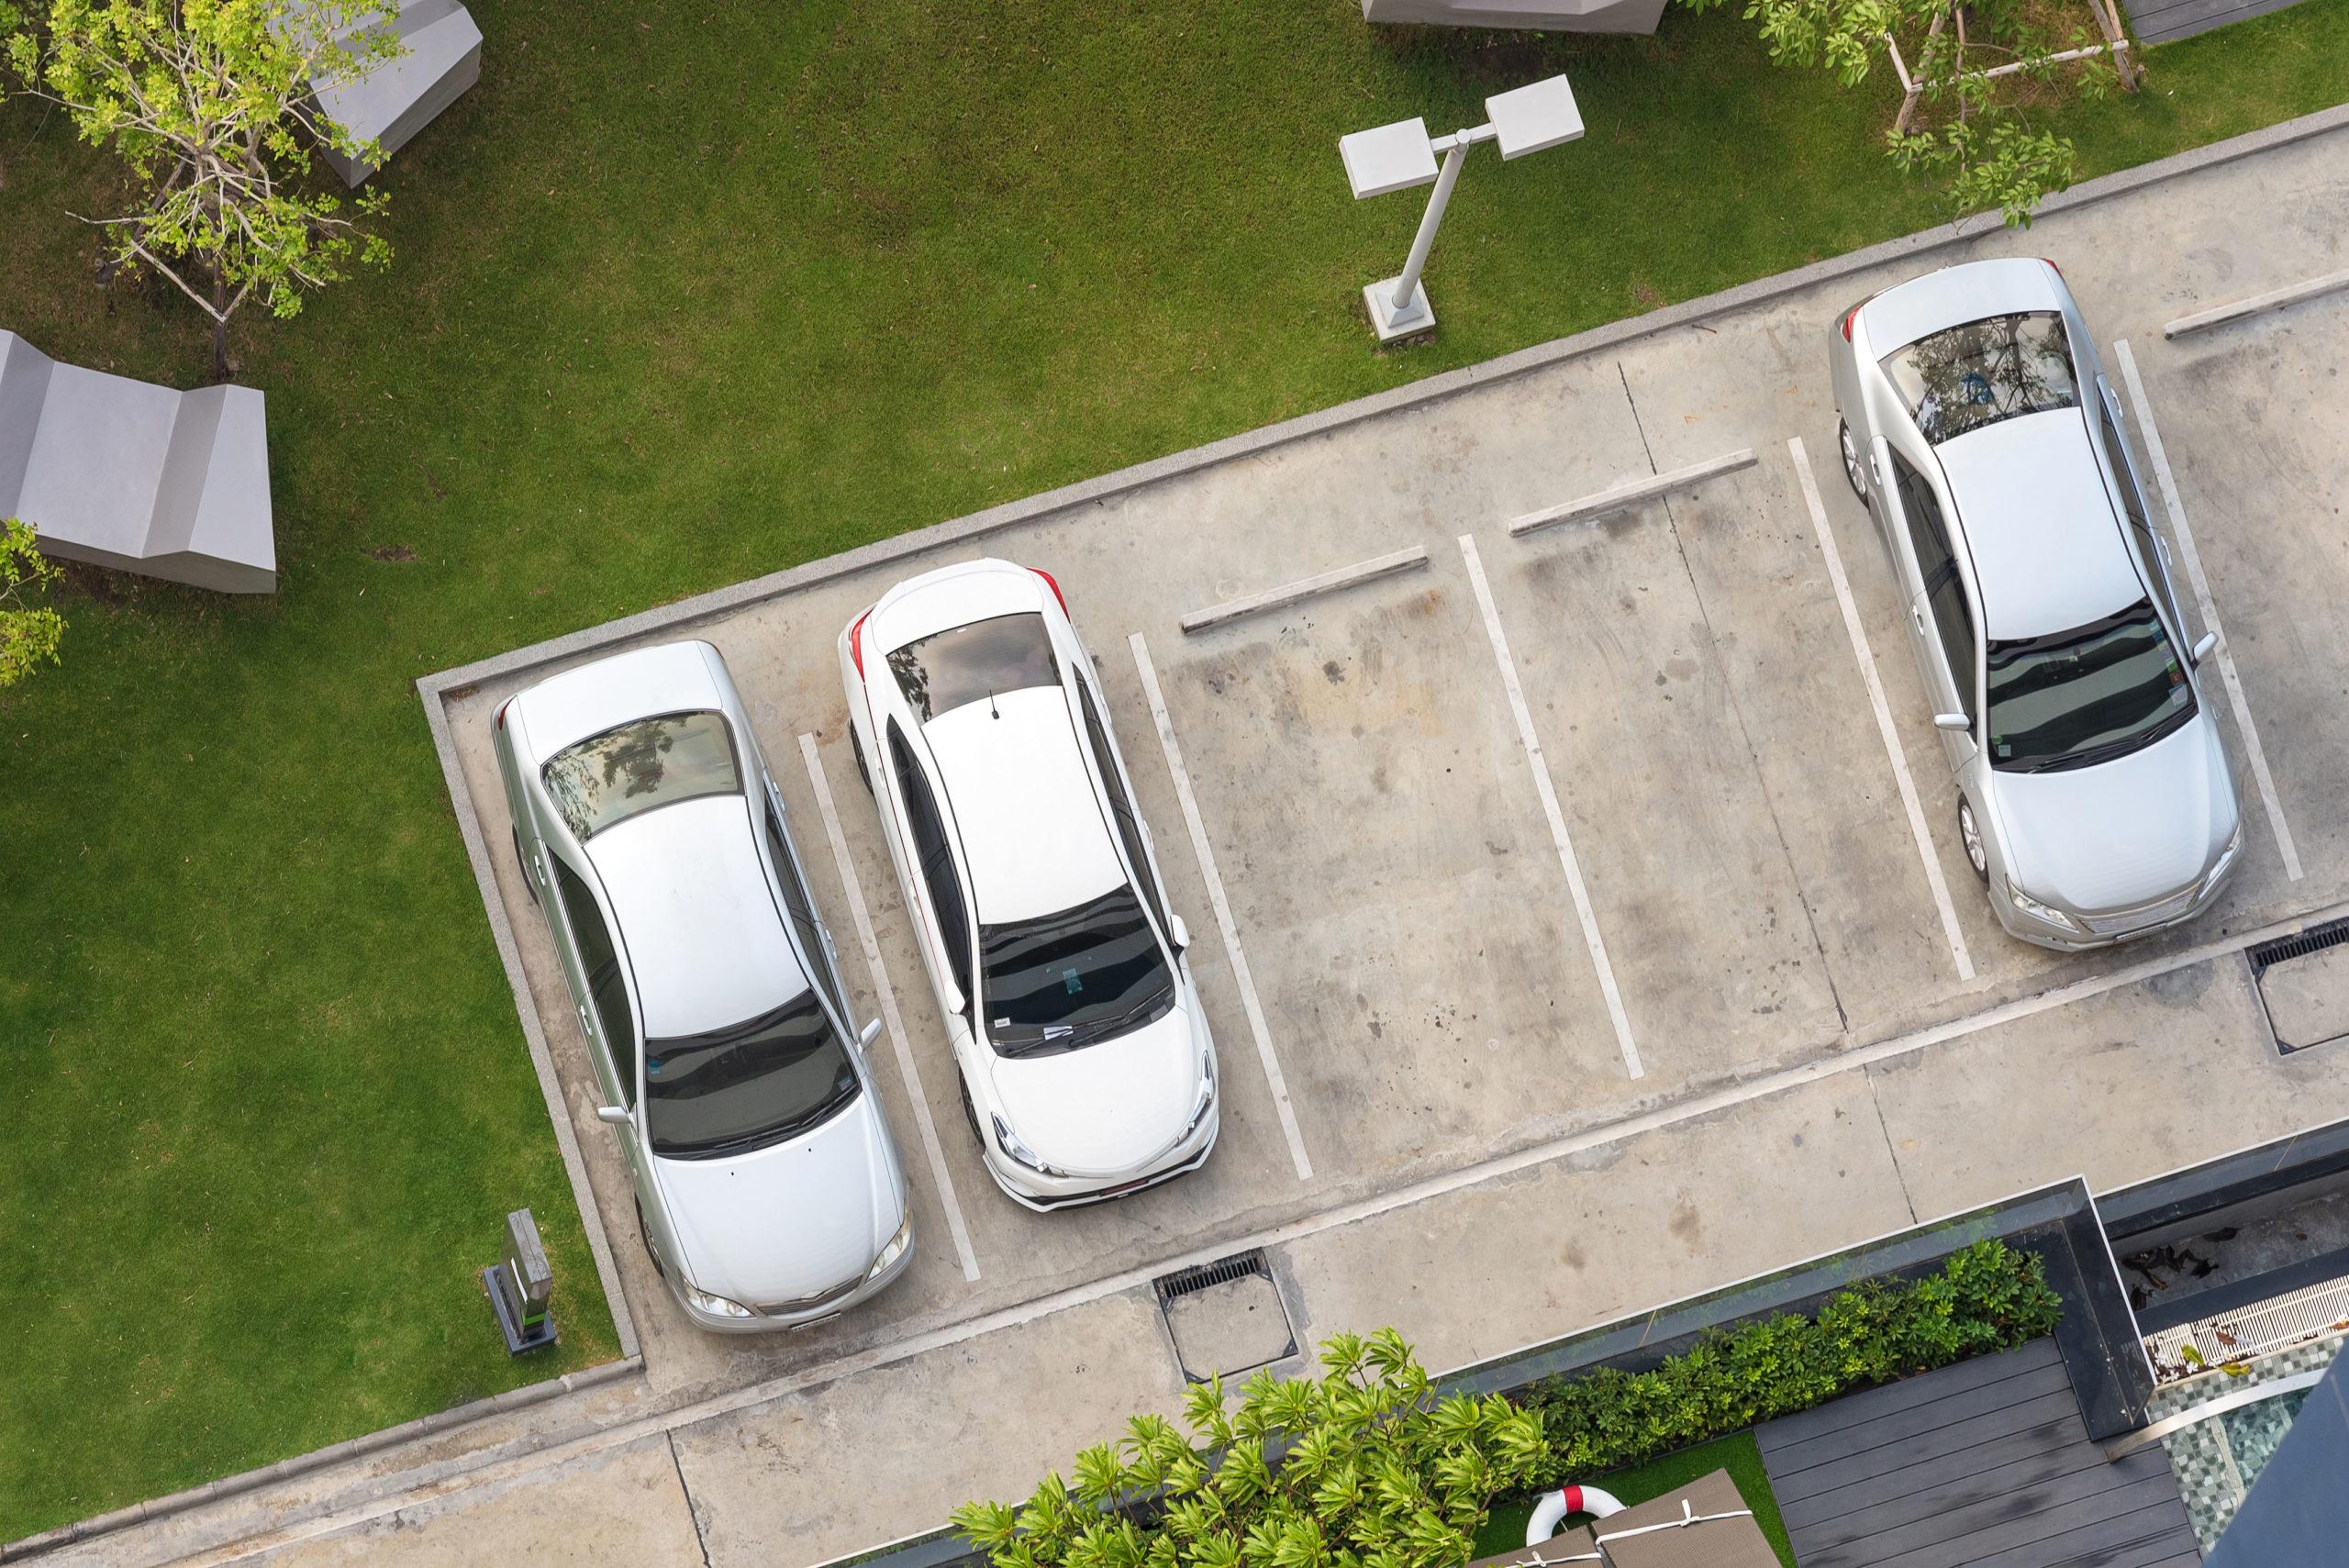 Damit Kunden sicher einen Parkplatz finden